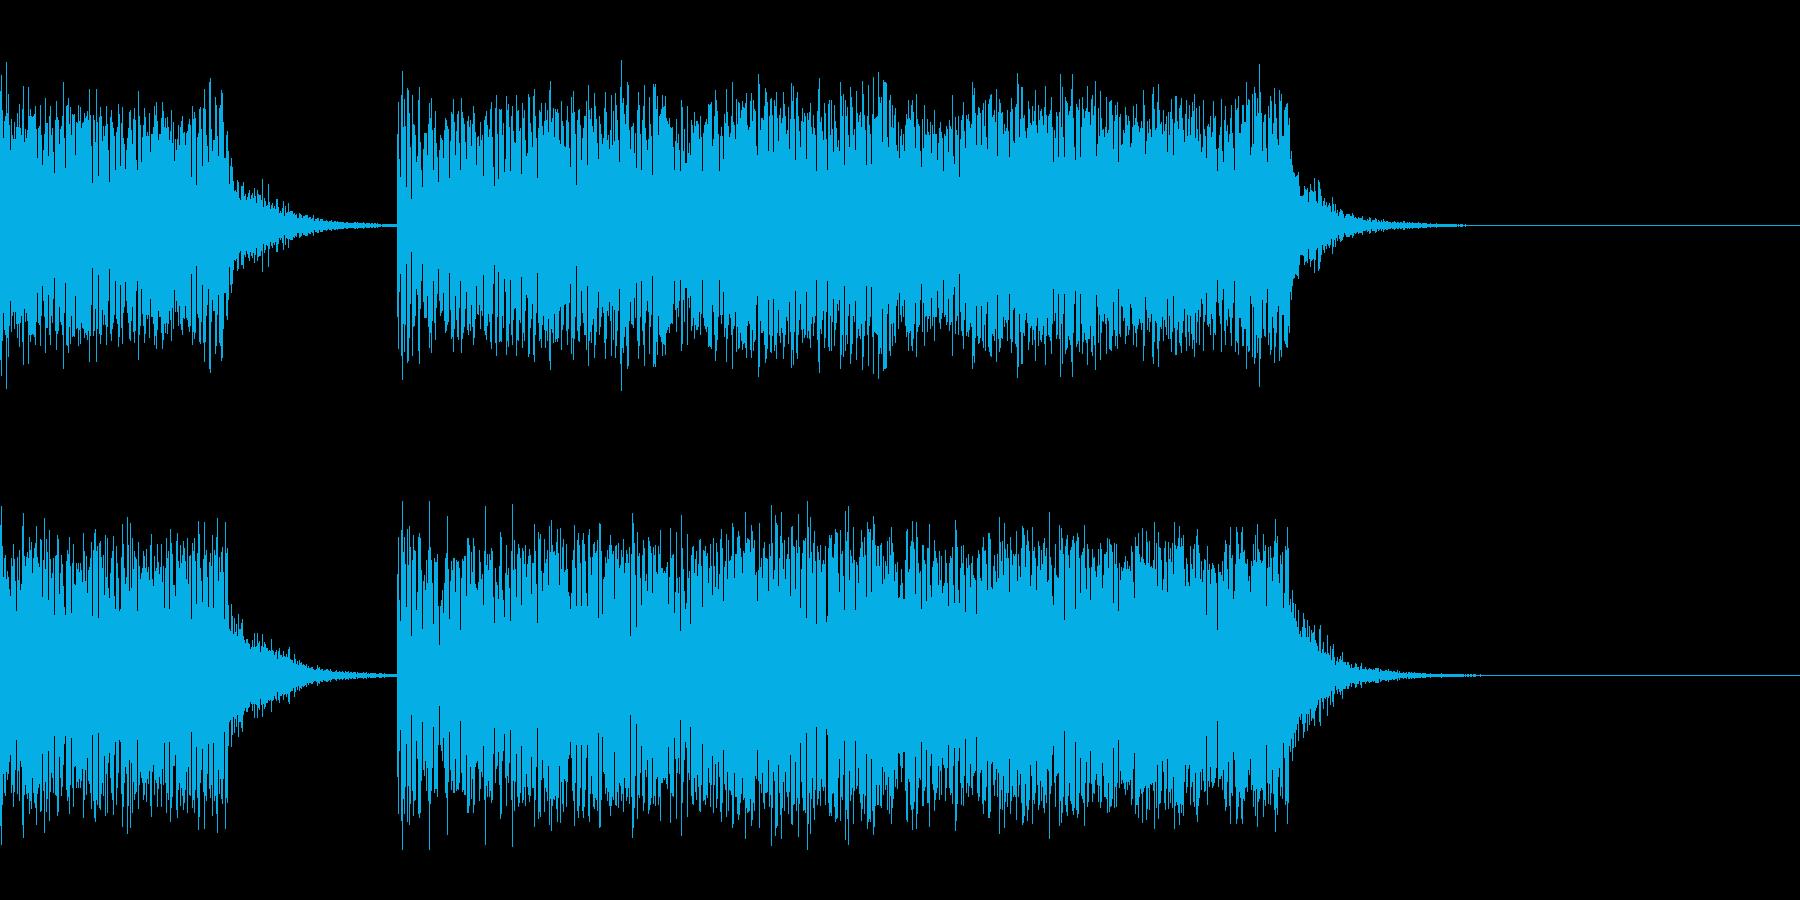 スパーク音-05の再生済みの波形